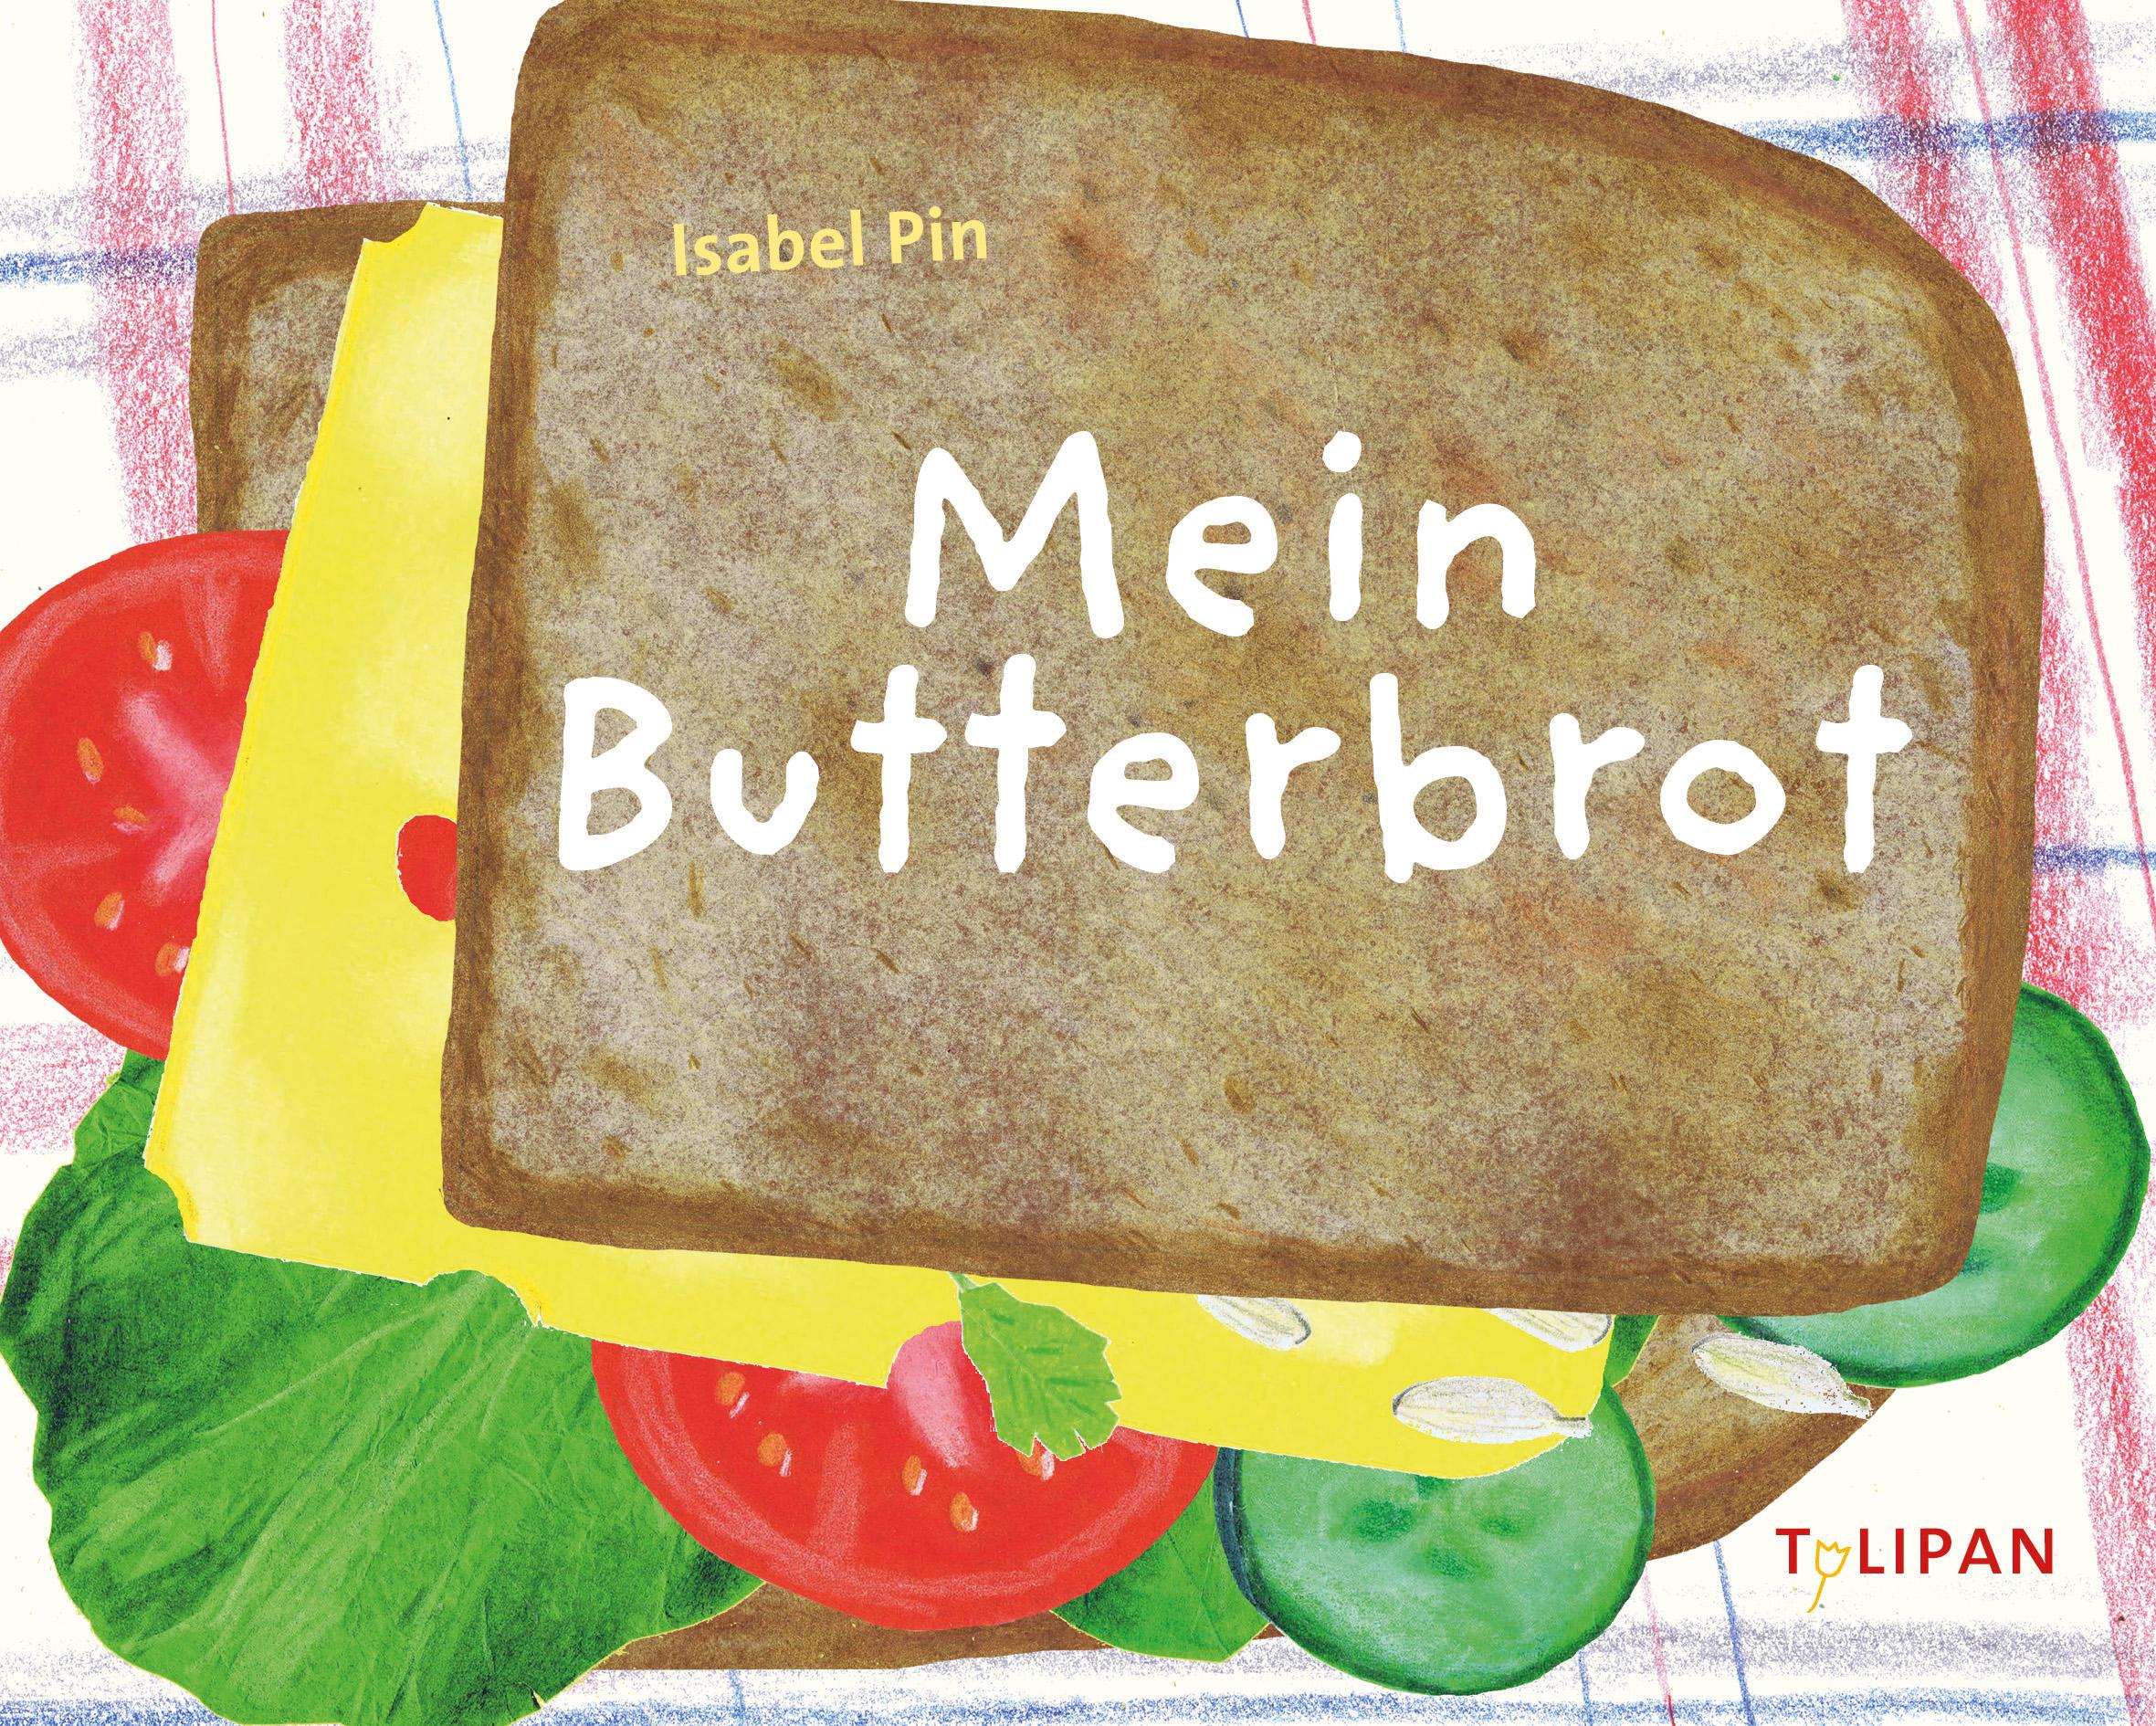 »Mein Butterbrot«  —  Tulipan